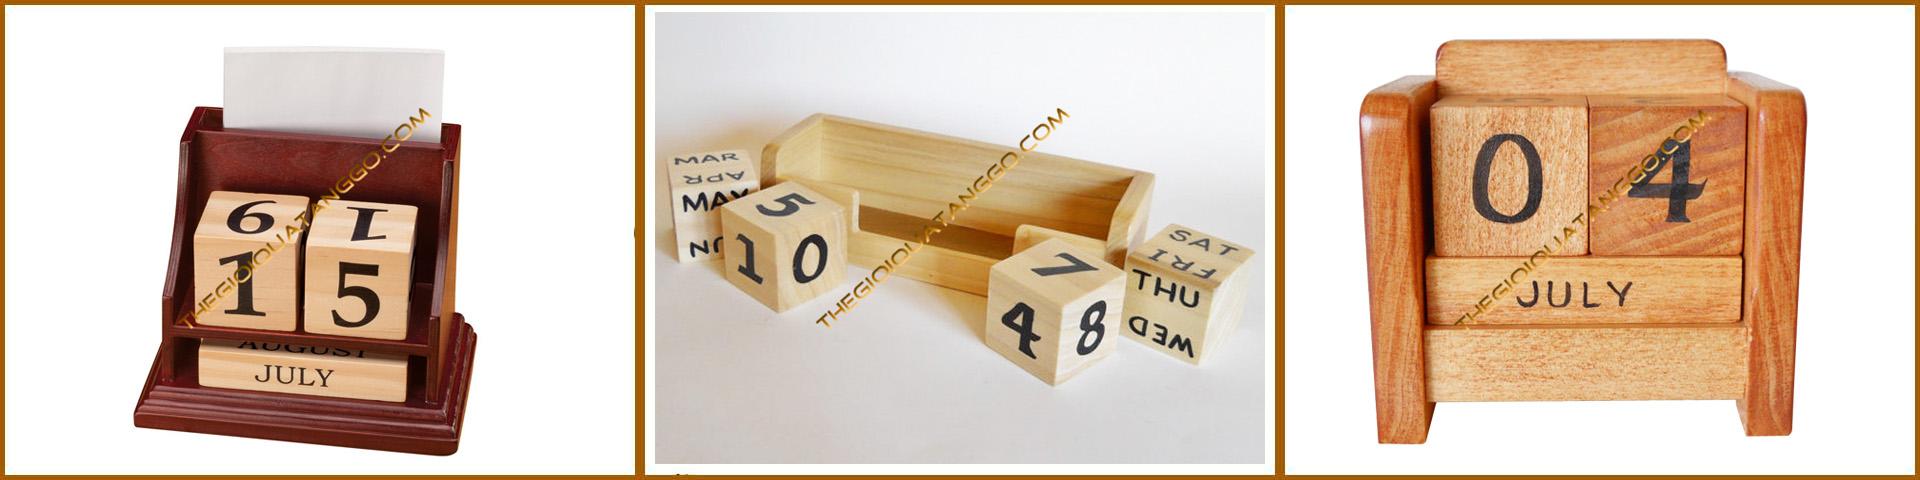 Lịch gỗ để bàn trang trí tp hcm 3